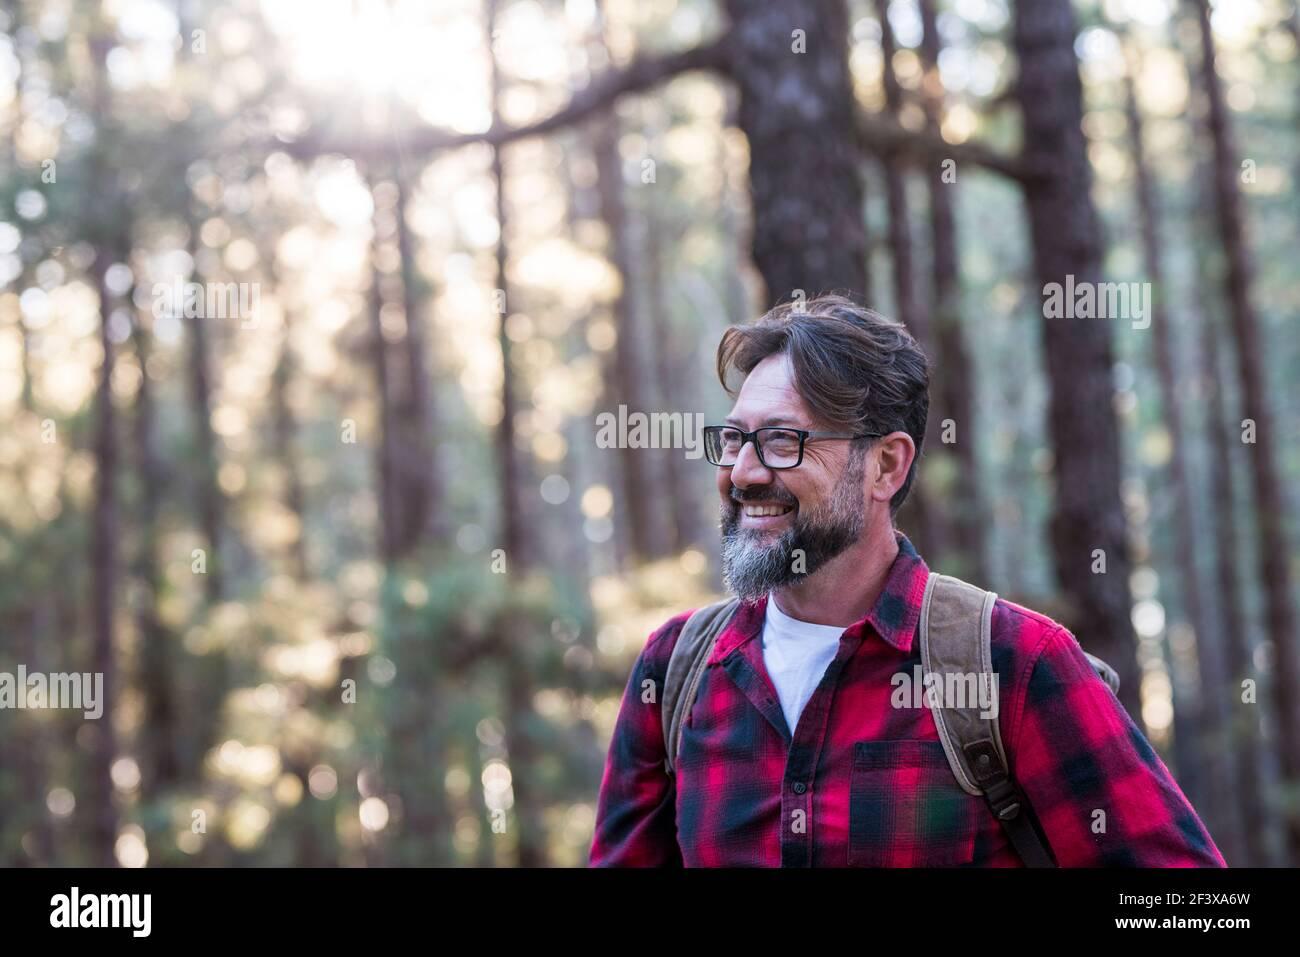 Primo piano ritratto di uomo fidato in un parco all'aperto. Profilo giovane bel sorriso uomo bearded giovane adulto hipster trekking foresta - Happy peo Foto Stock